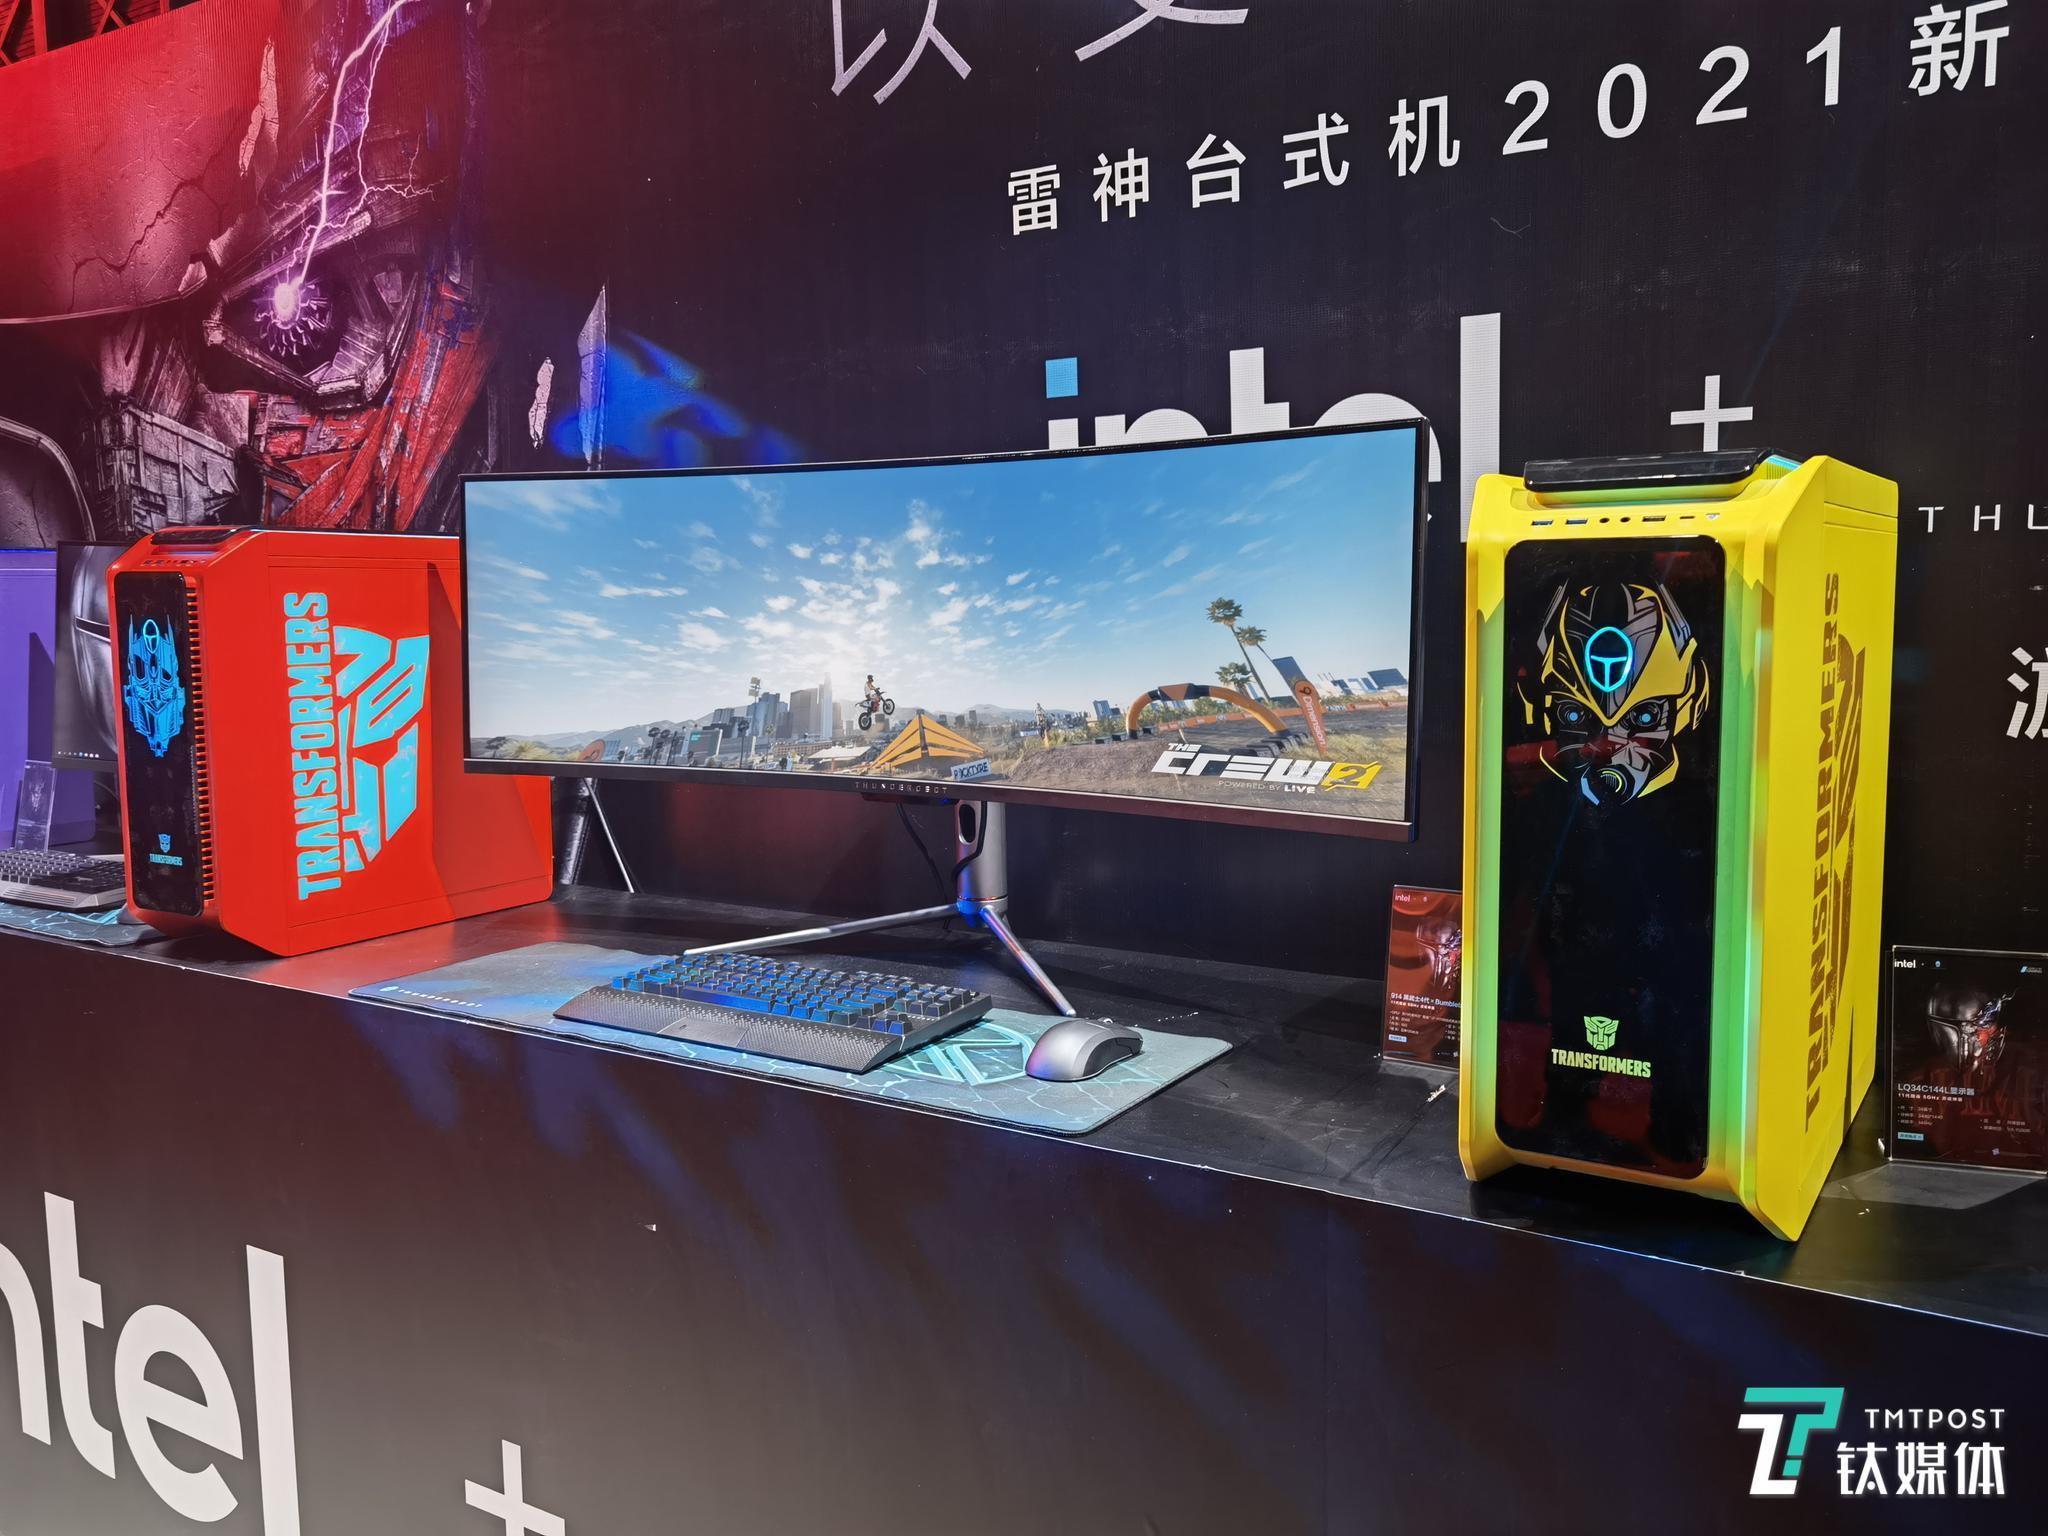 高端化和一体化场景解决或是游戏台式机未来趋势,专访雷神科技创始人李艳兵